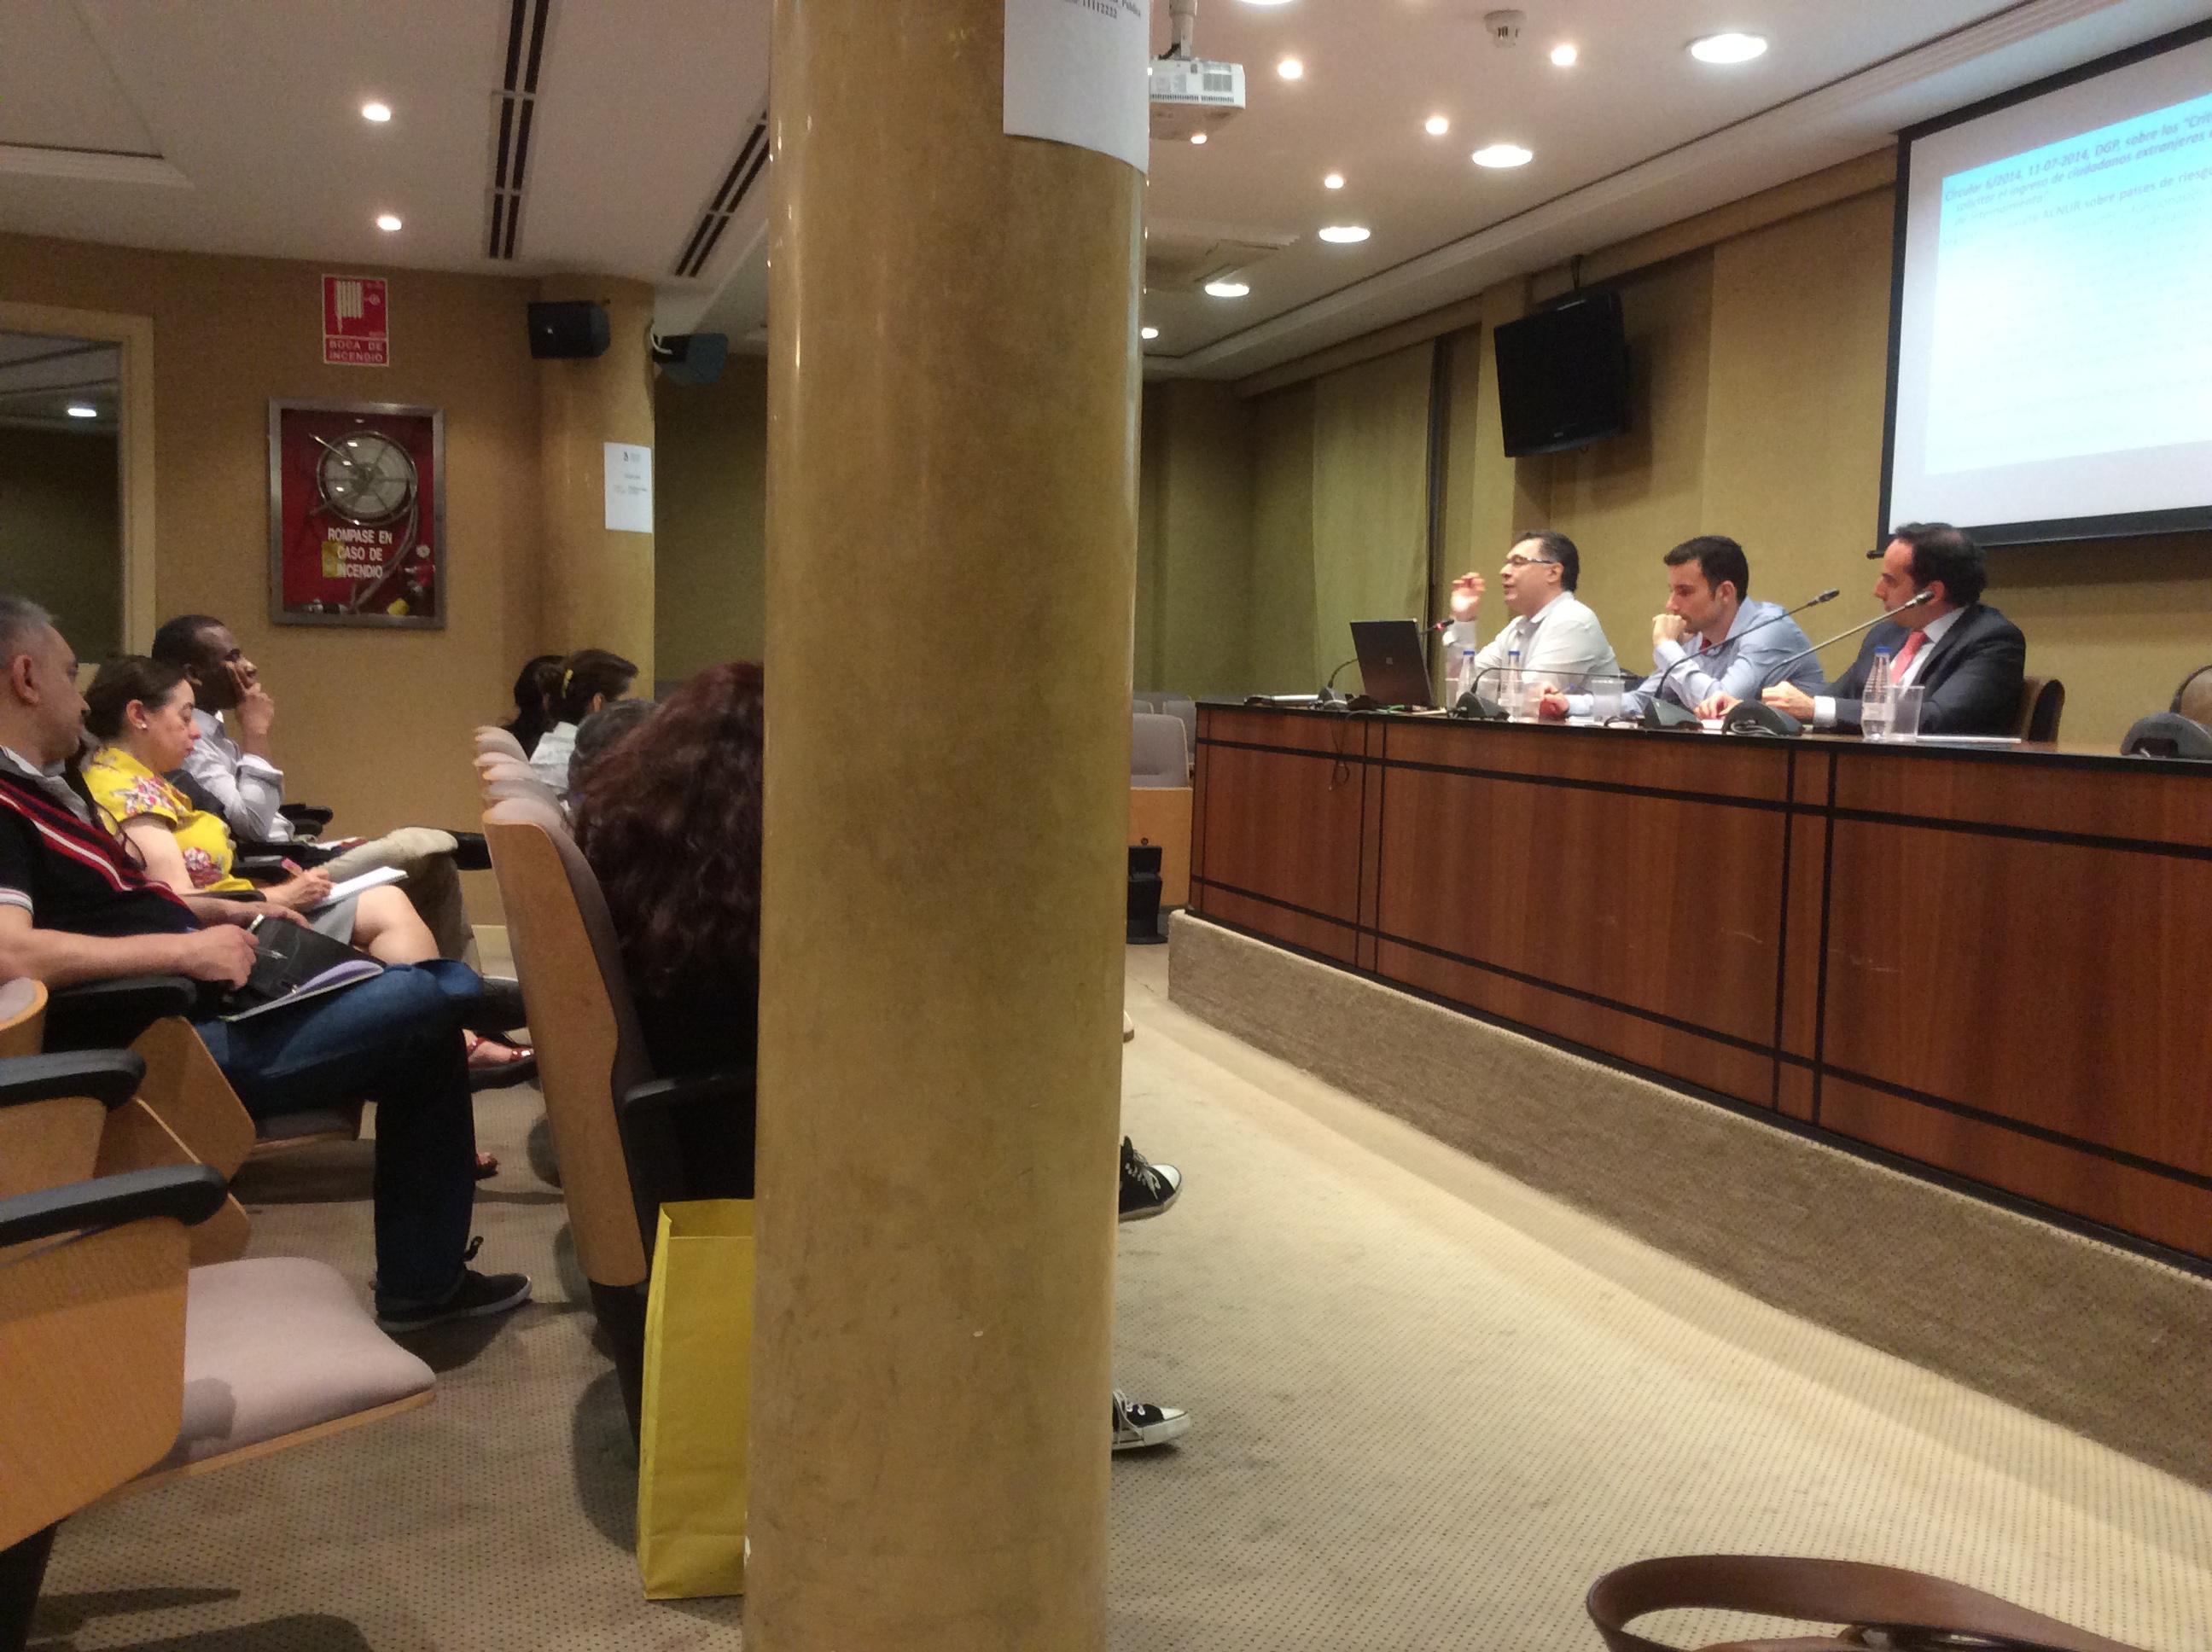 taller sobre expulsiones y su actualidad administrativa y jurisprudencial.